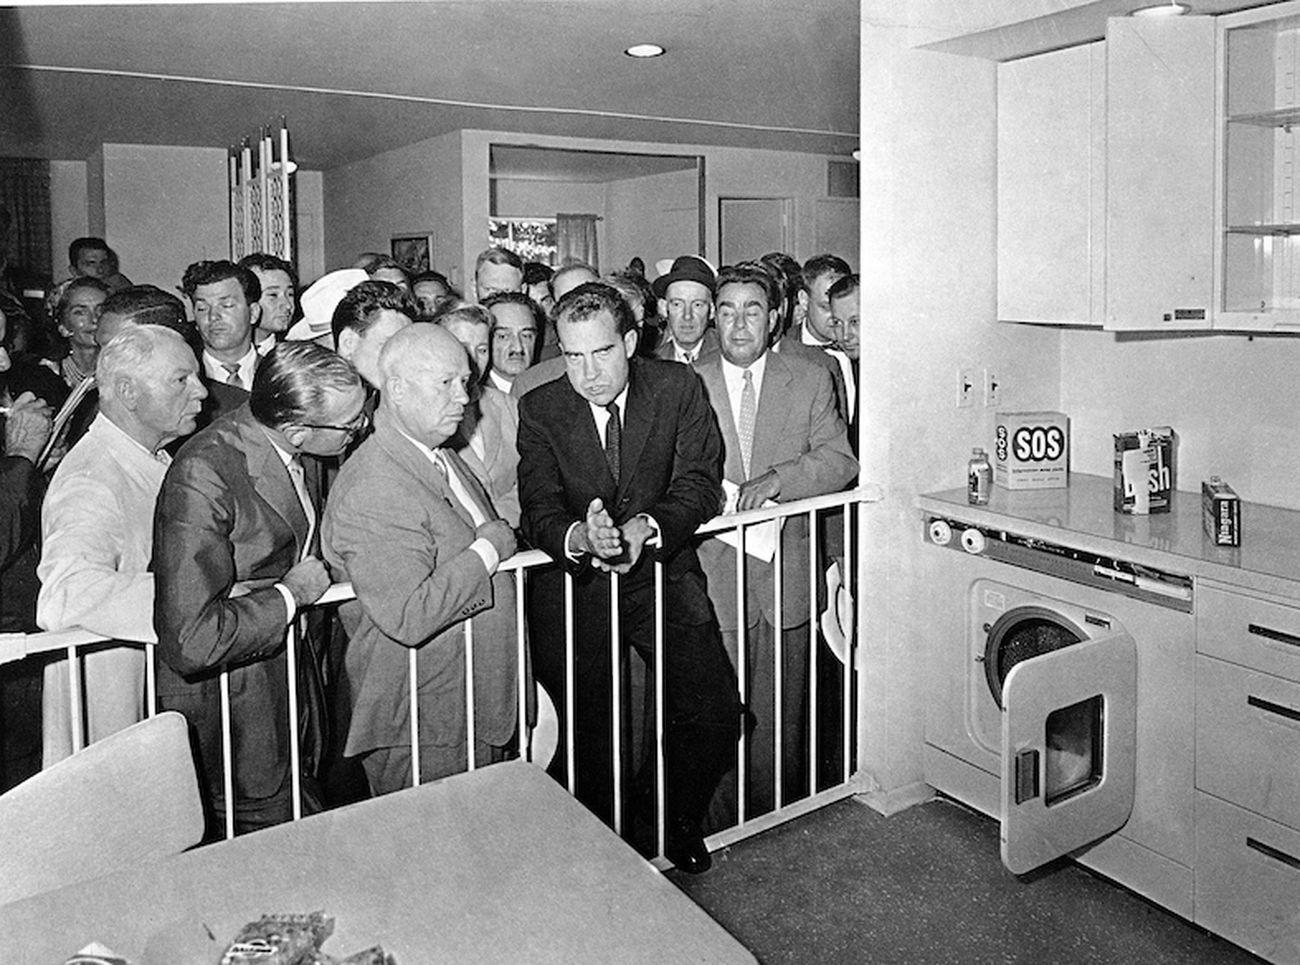 Richard Nixon & Nikita Khrushchev discutono nella casa prefabbricata X-61 (Splitnik) all'American National Exhibition a Mosca, Russia, 1959 © picture alliance - AP Images